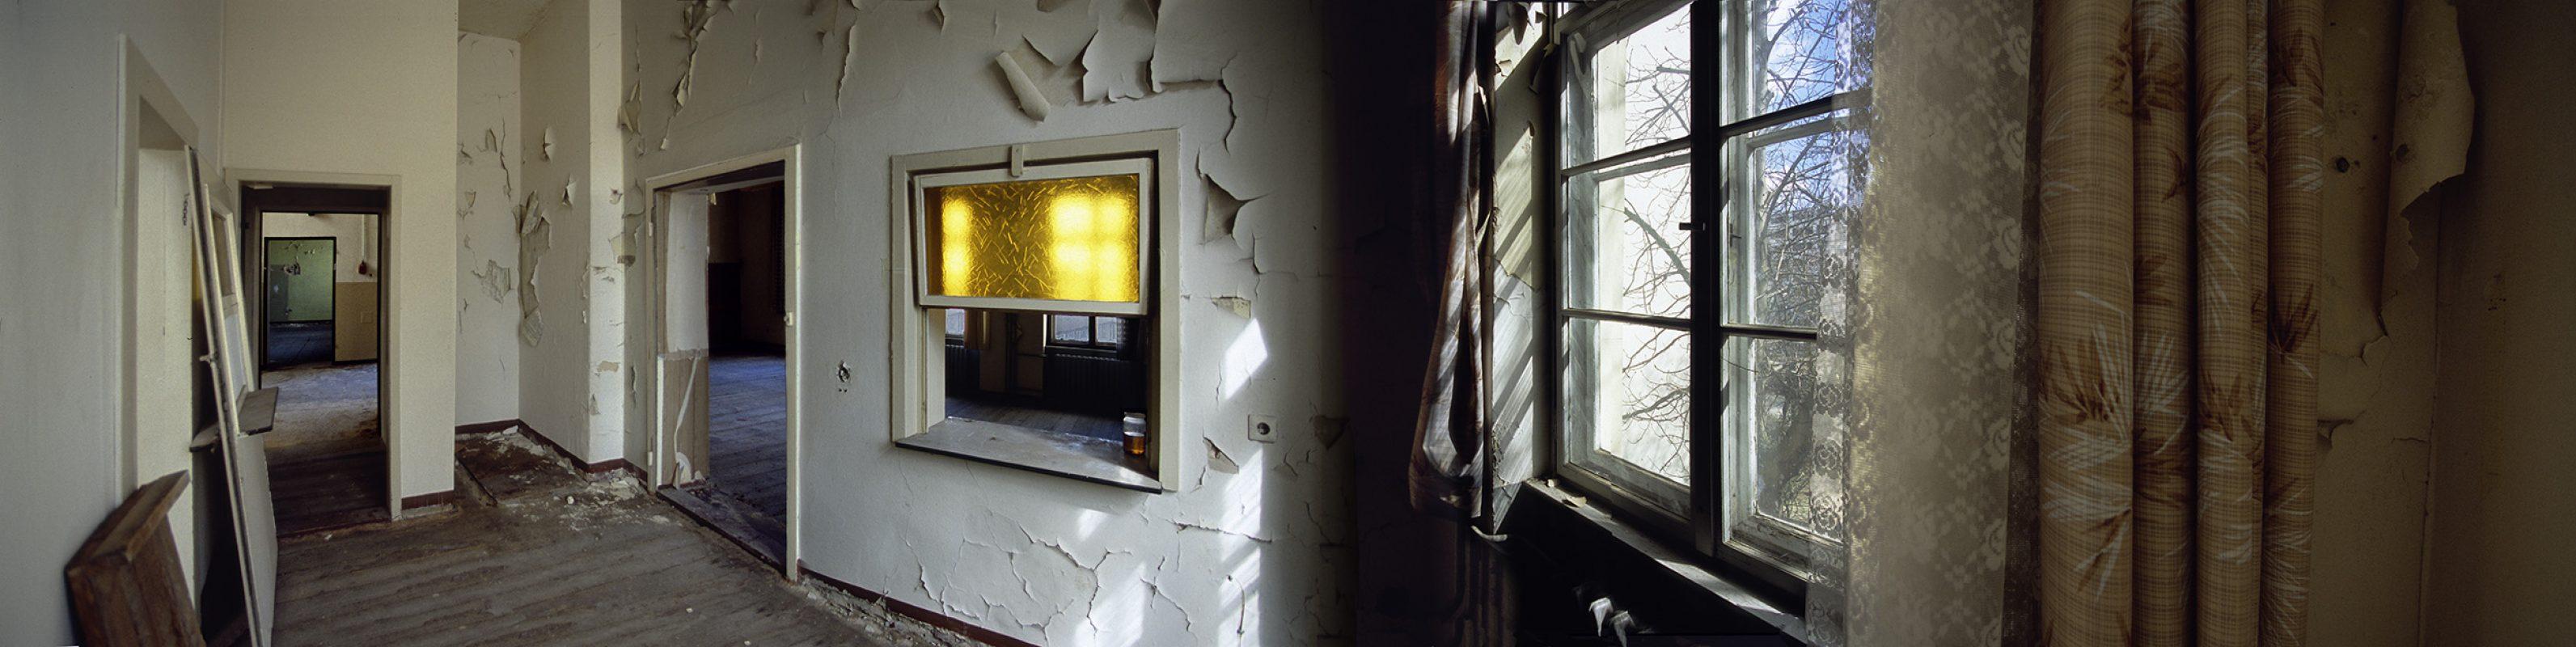 älteste Mädchen- und Knabenschule Berlins, gelbes Fenster